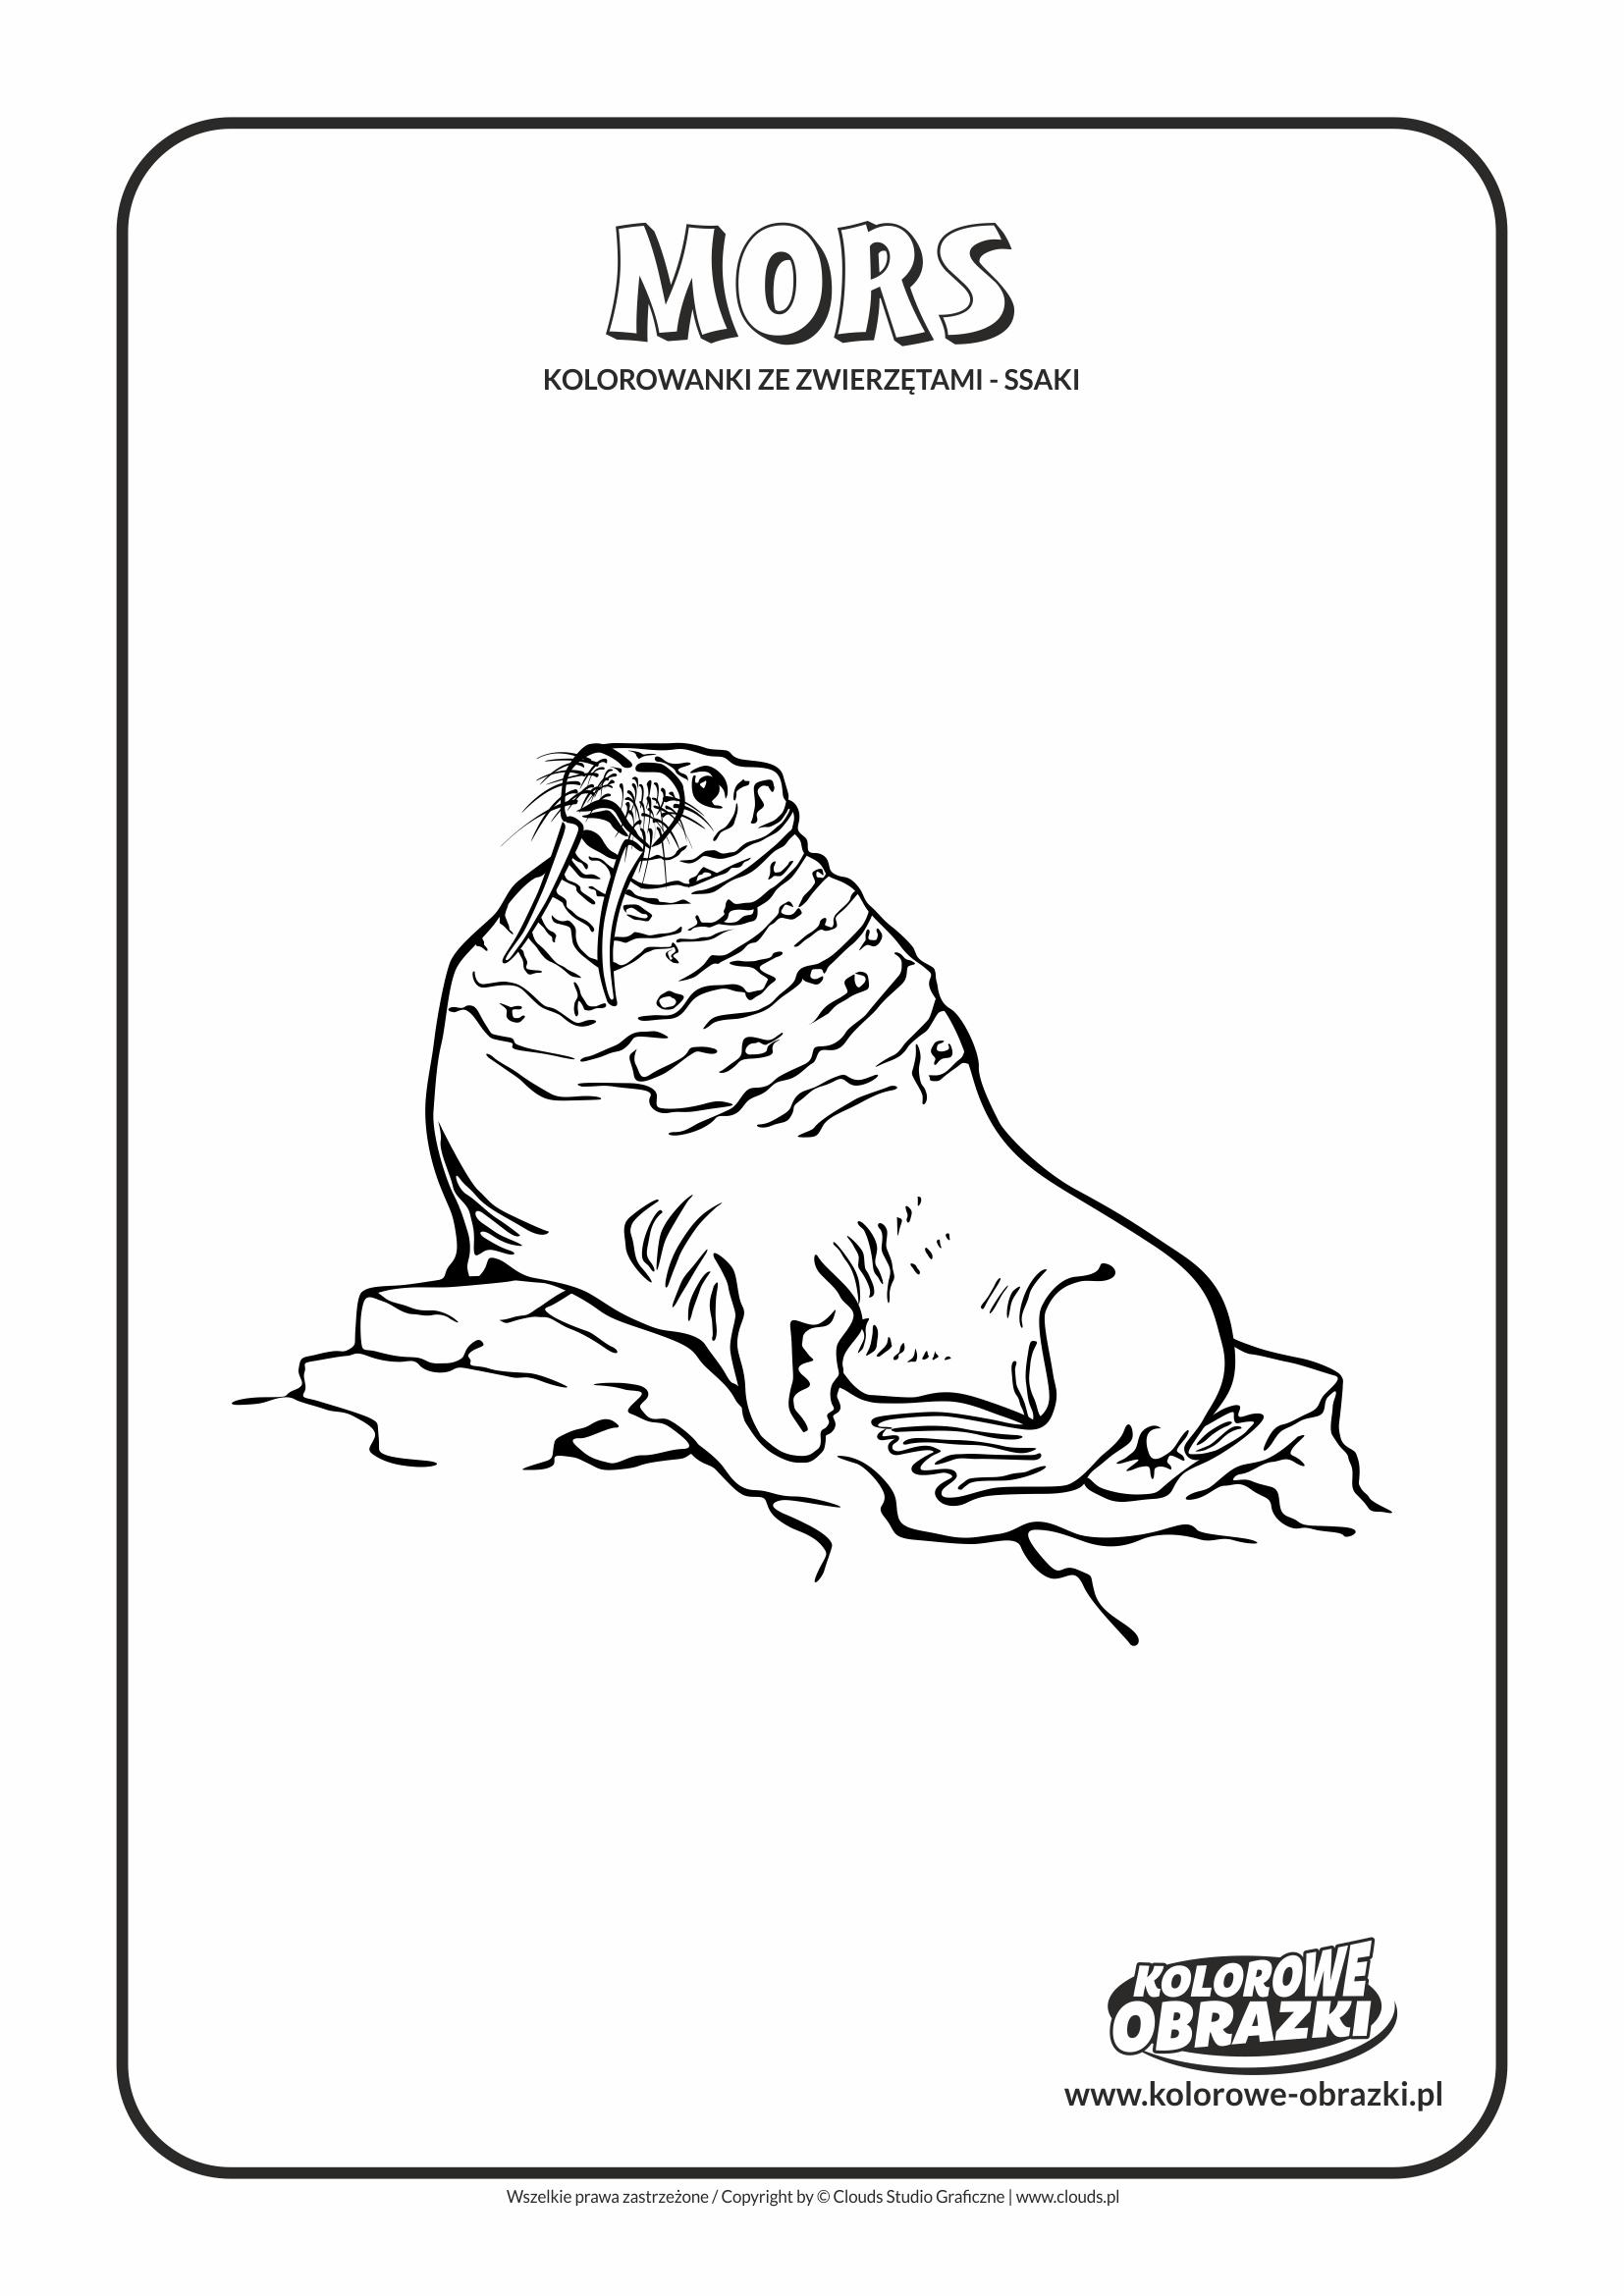 Kolorowanki dla dzieci - Zwierzęta / Mors